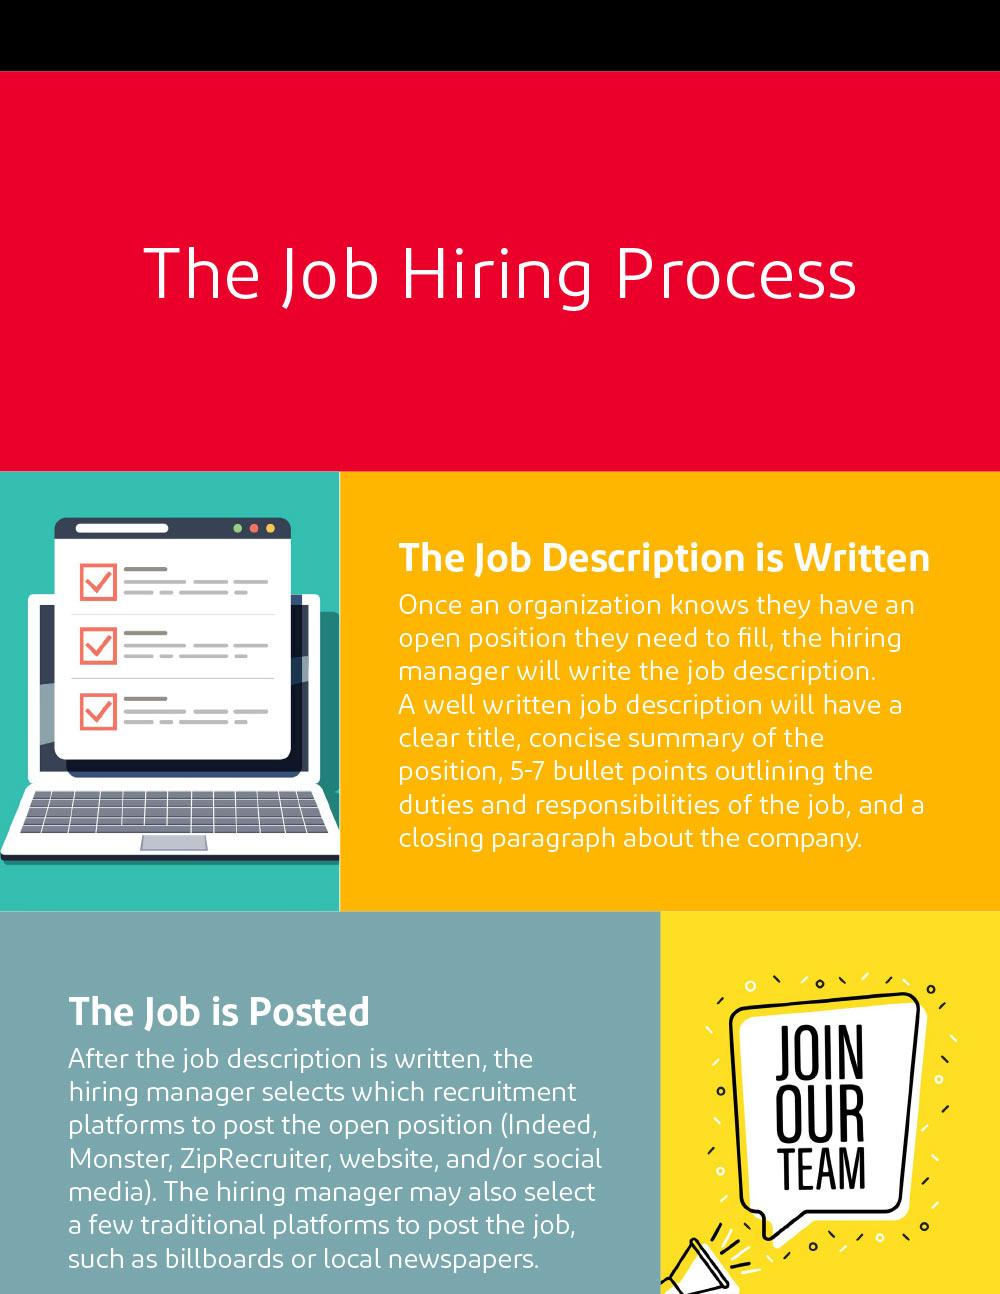 The Job Hiring Process